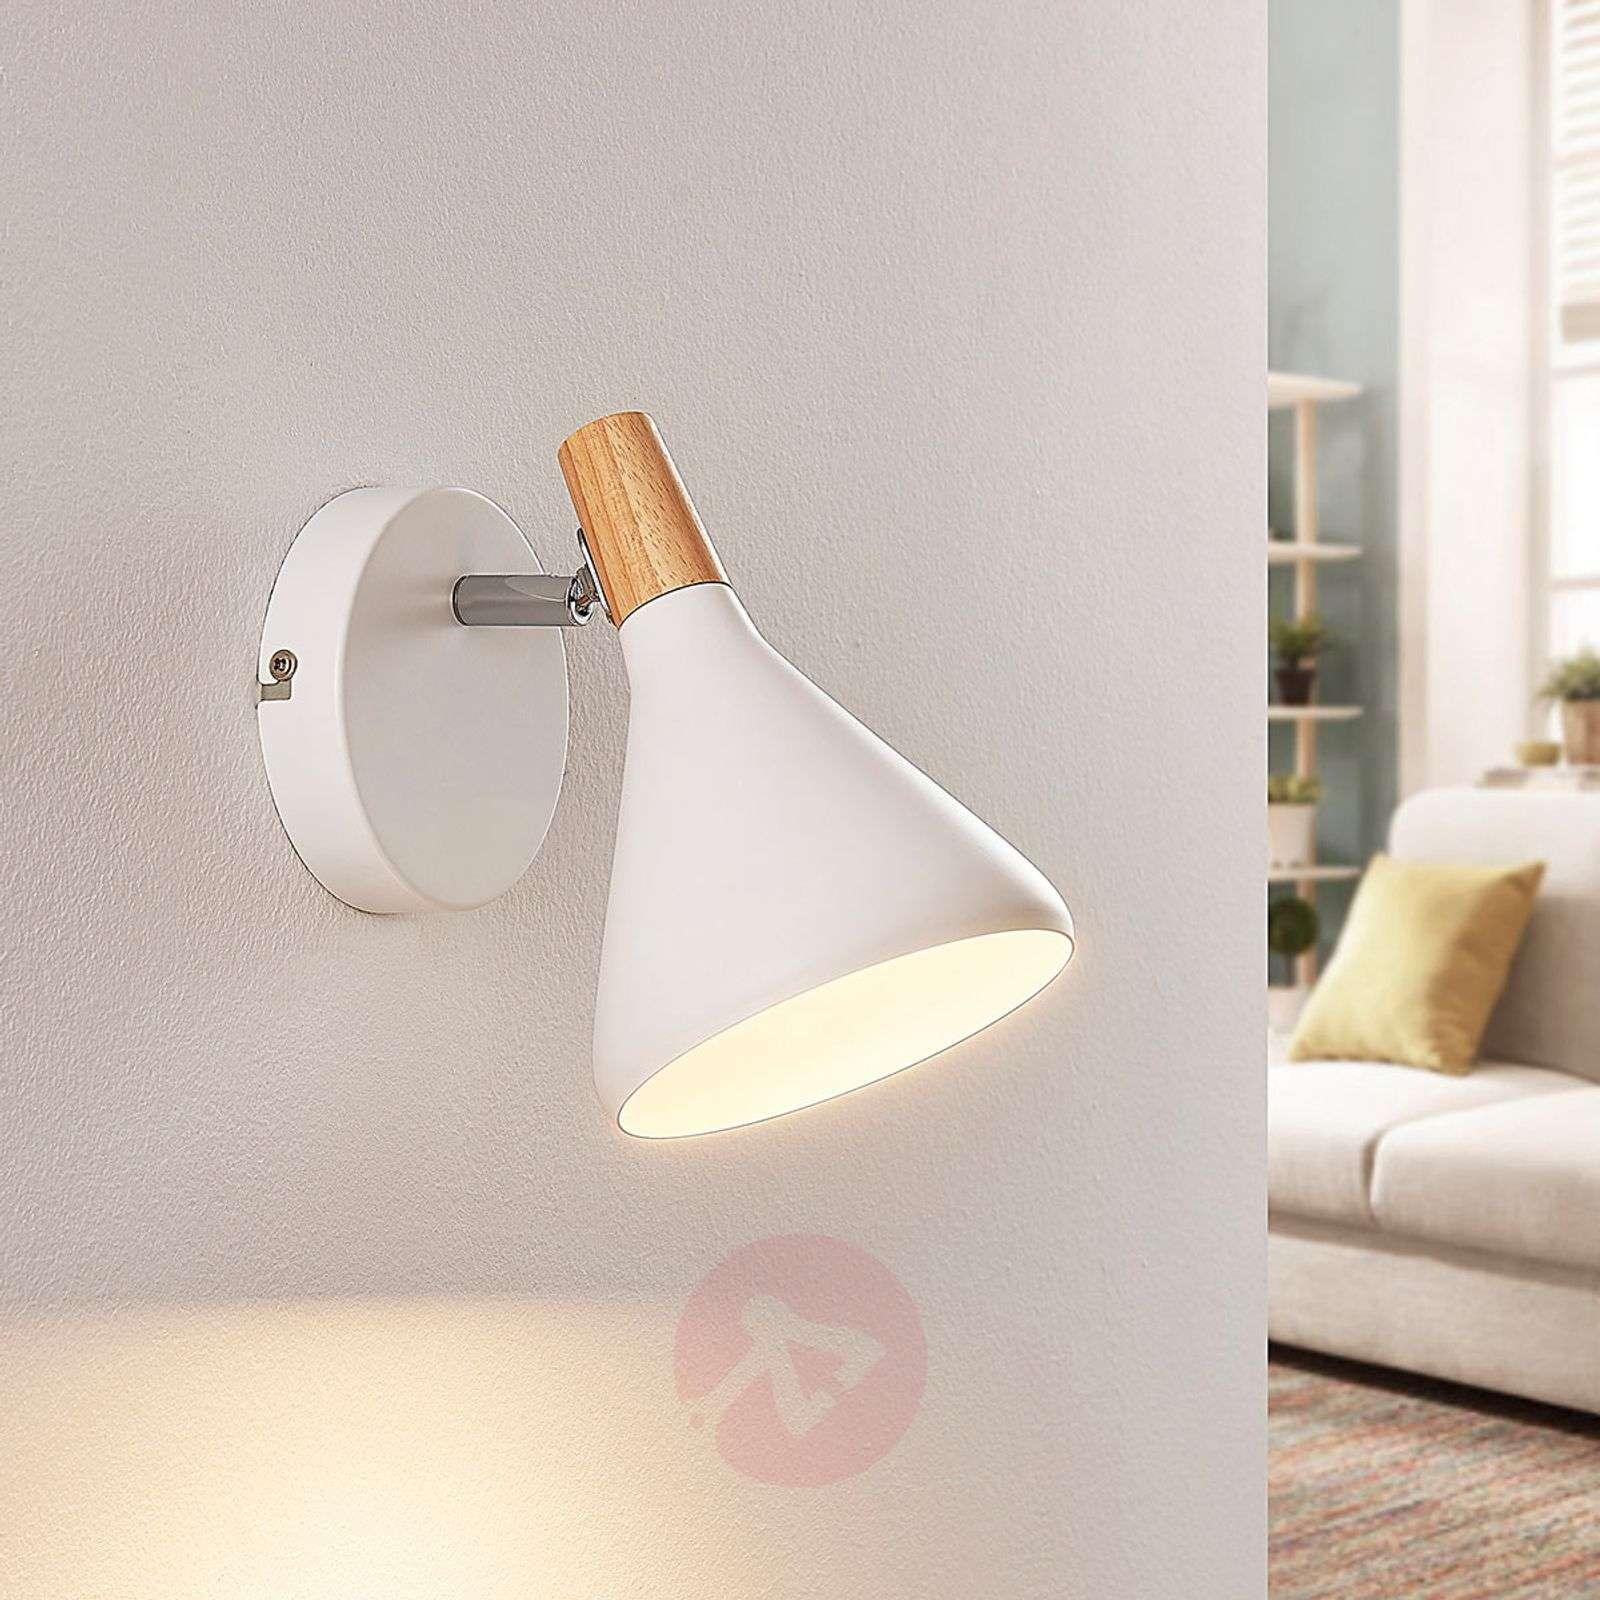 Kaunis LED-seinävalaisin Arina, valkoinen-9621804-02